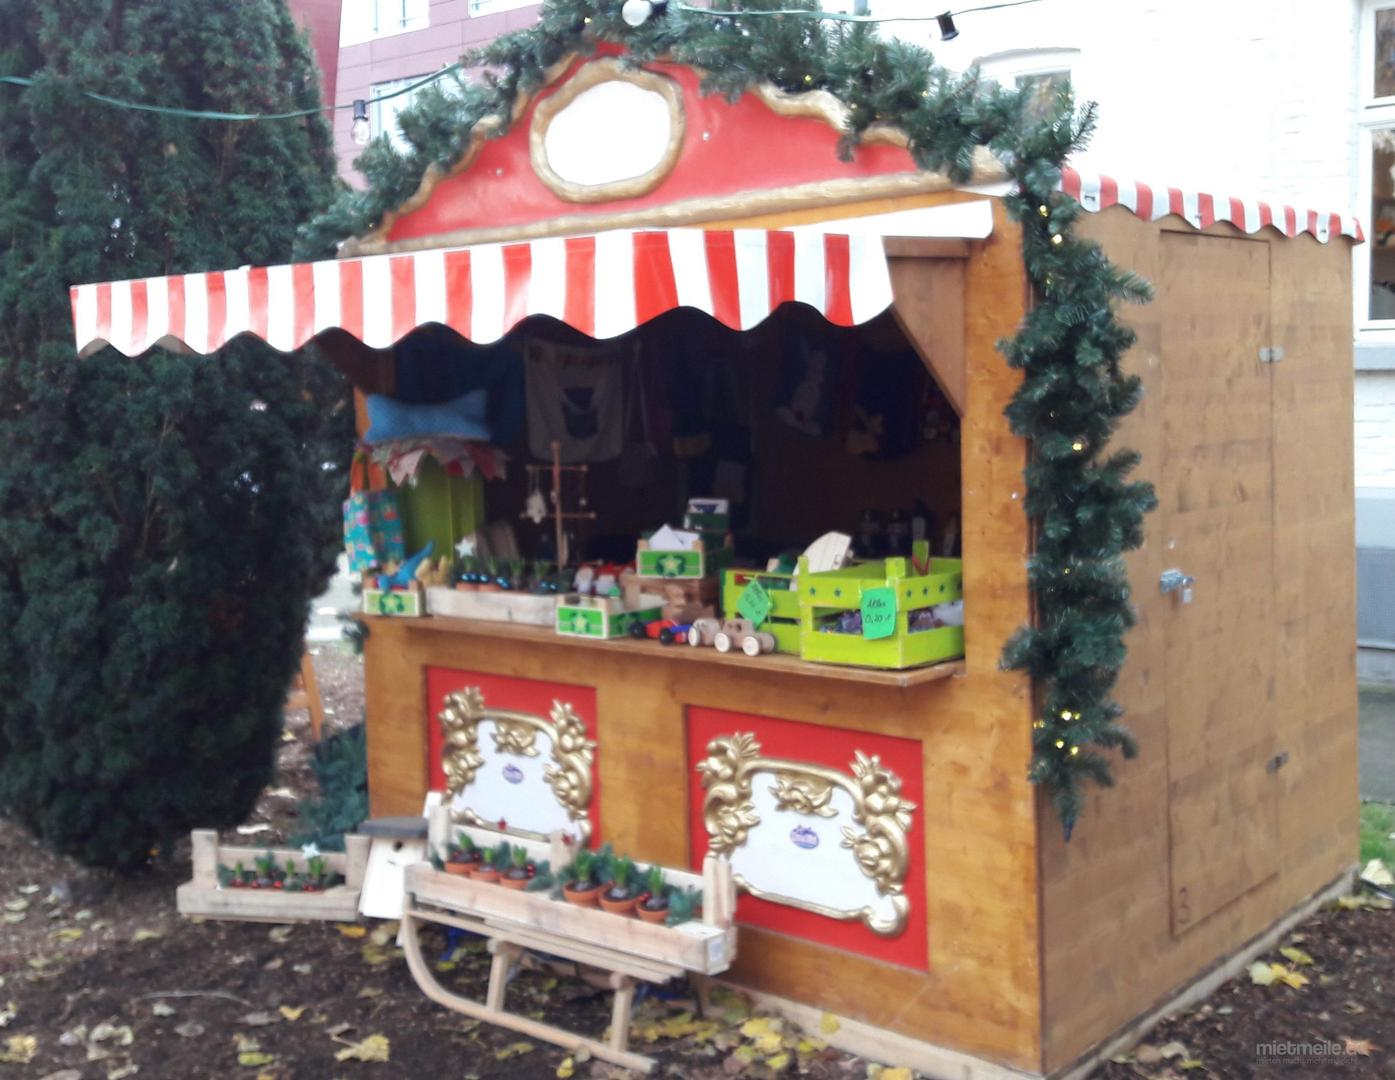 Weihnachtsfeier In Düsseldorf.Karussell Für Weihnachtsmarkt Oder Weihnachtsfeier Mieten 650 00 Eur Pro Tag Mietmeile De